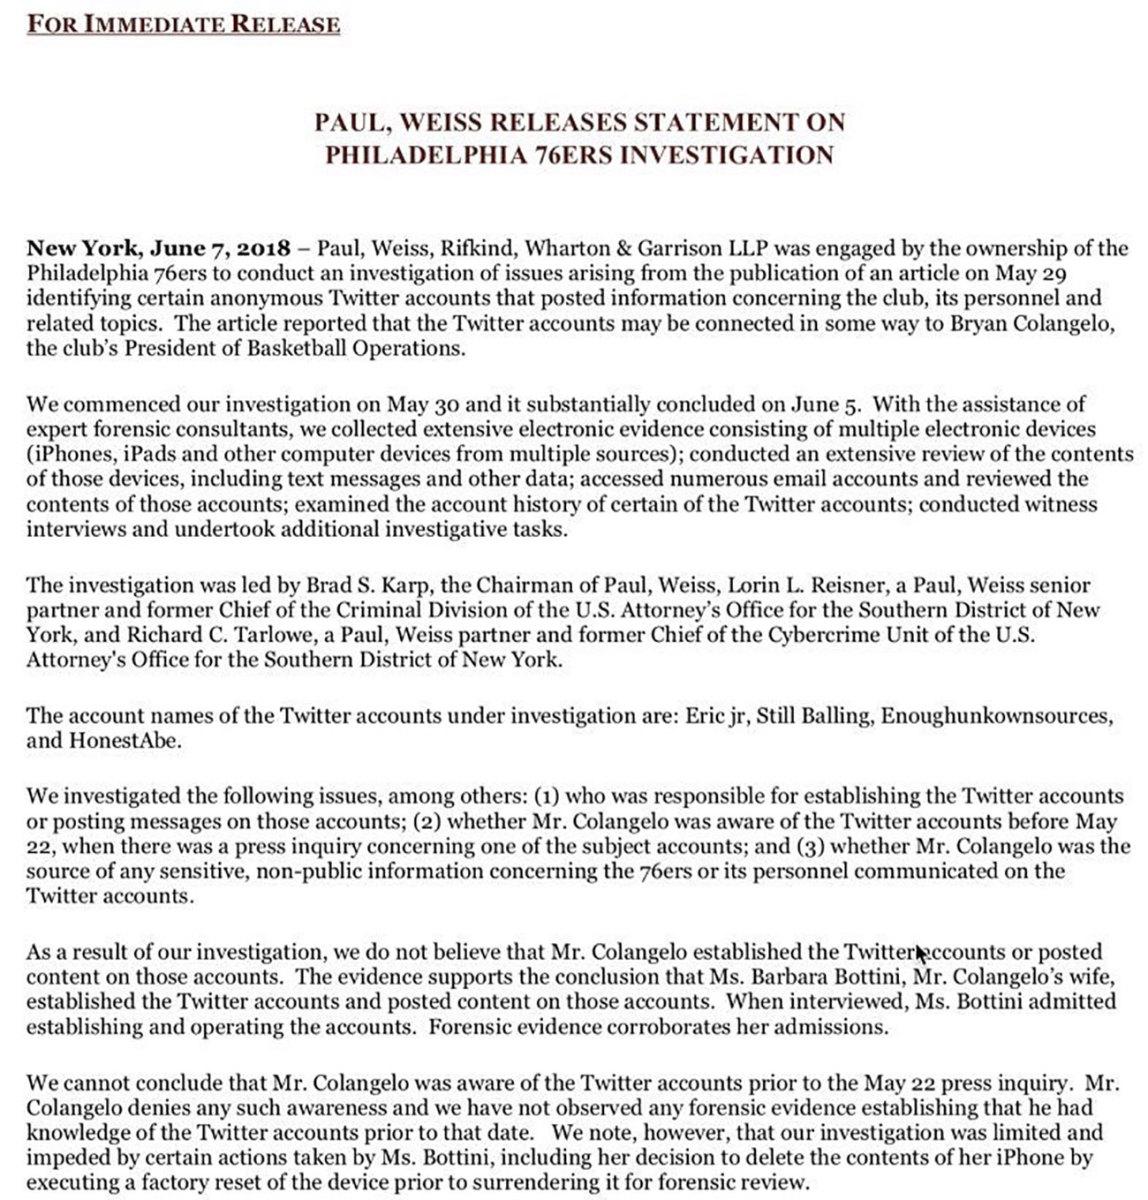 76ers-investigation-statement.jpg